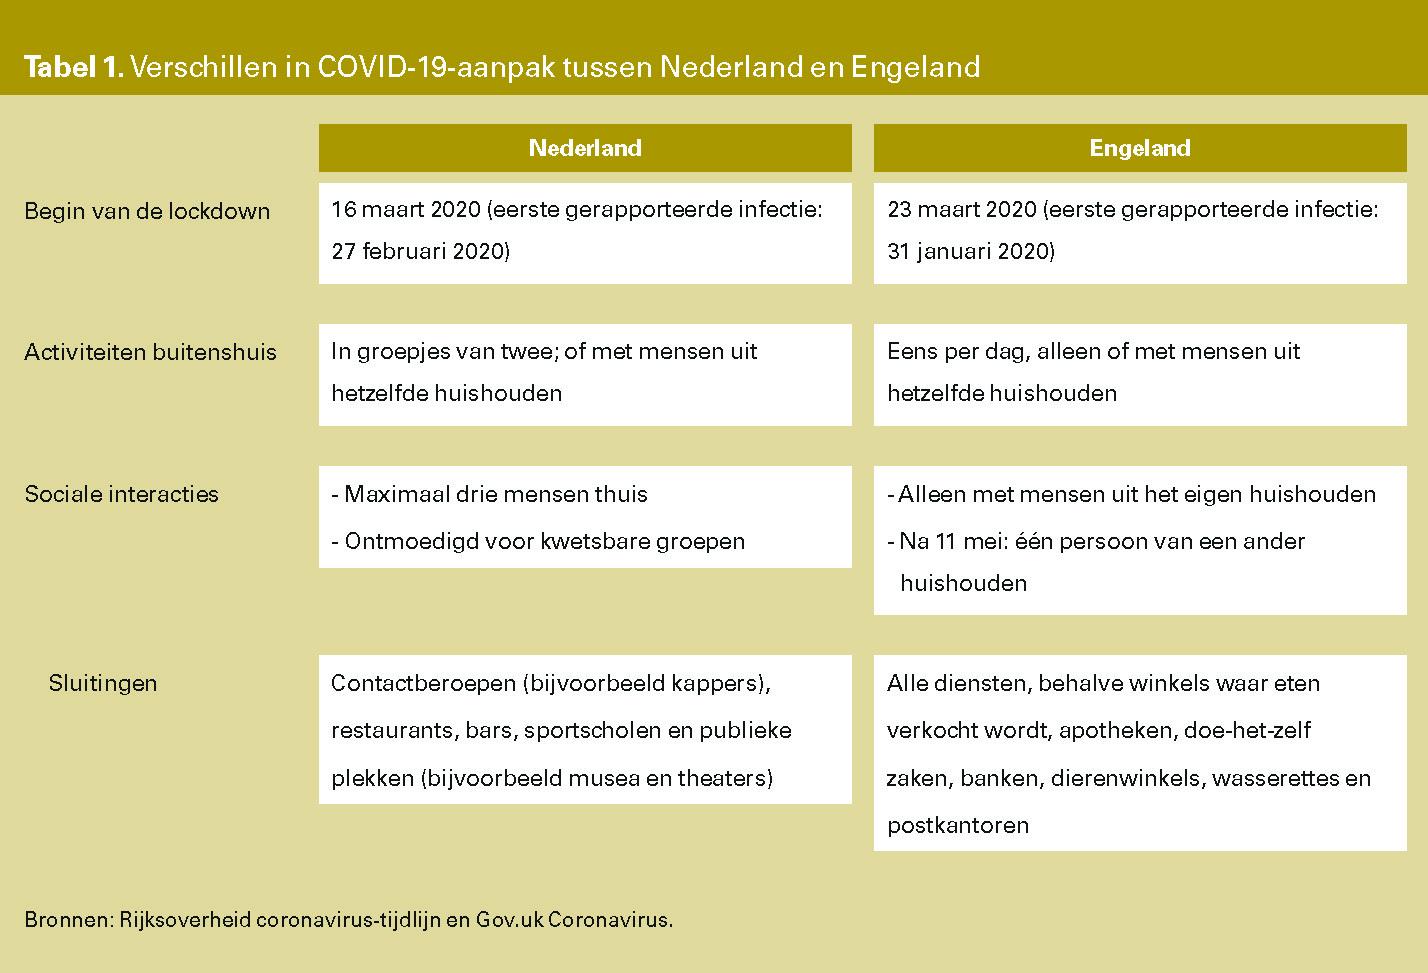 Tabel 1. Verschillen in COVID-19-aanpak tussen Nederland en Engeland